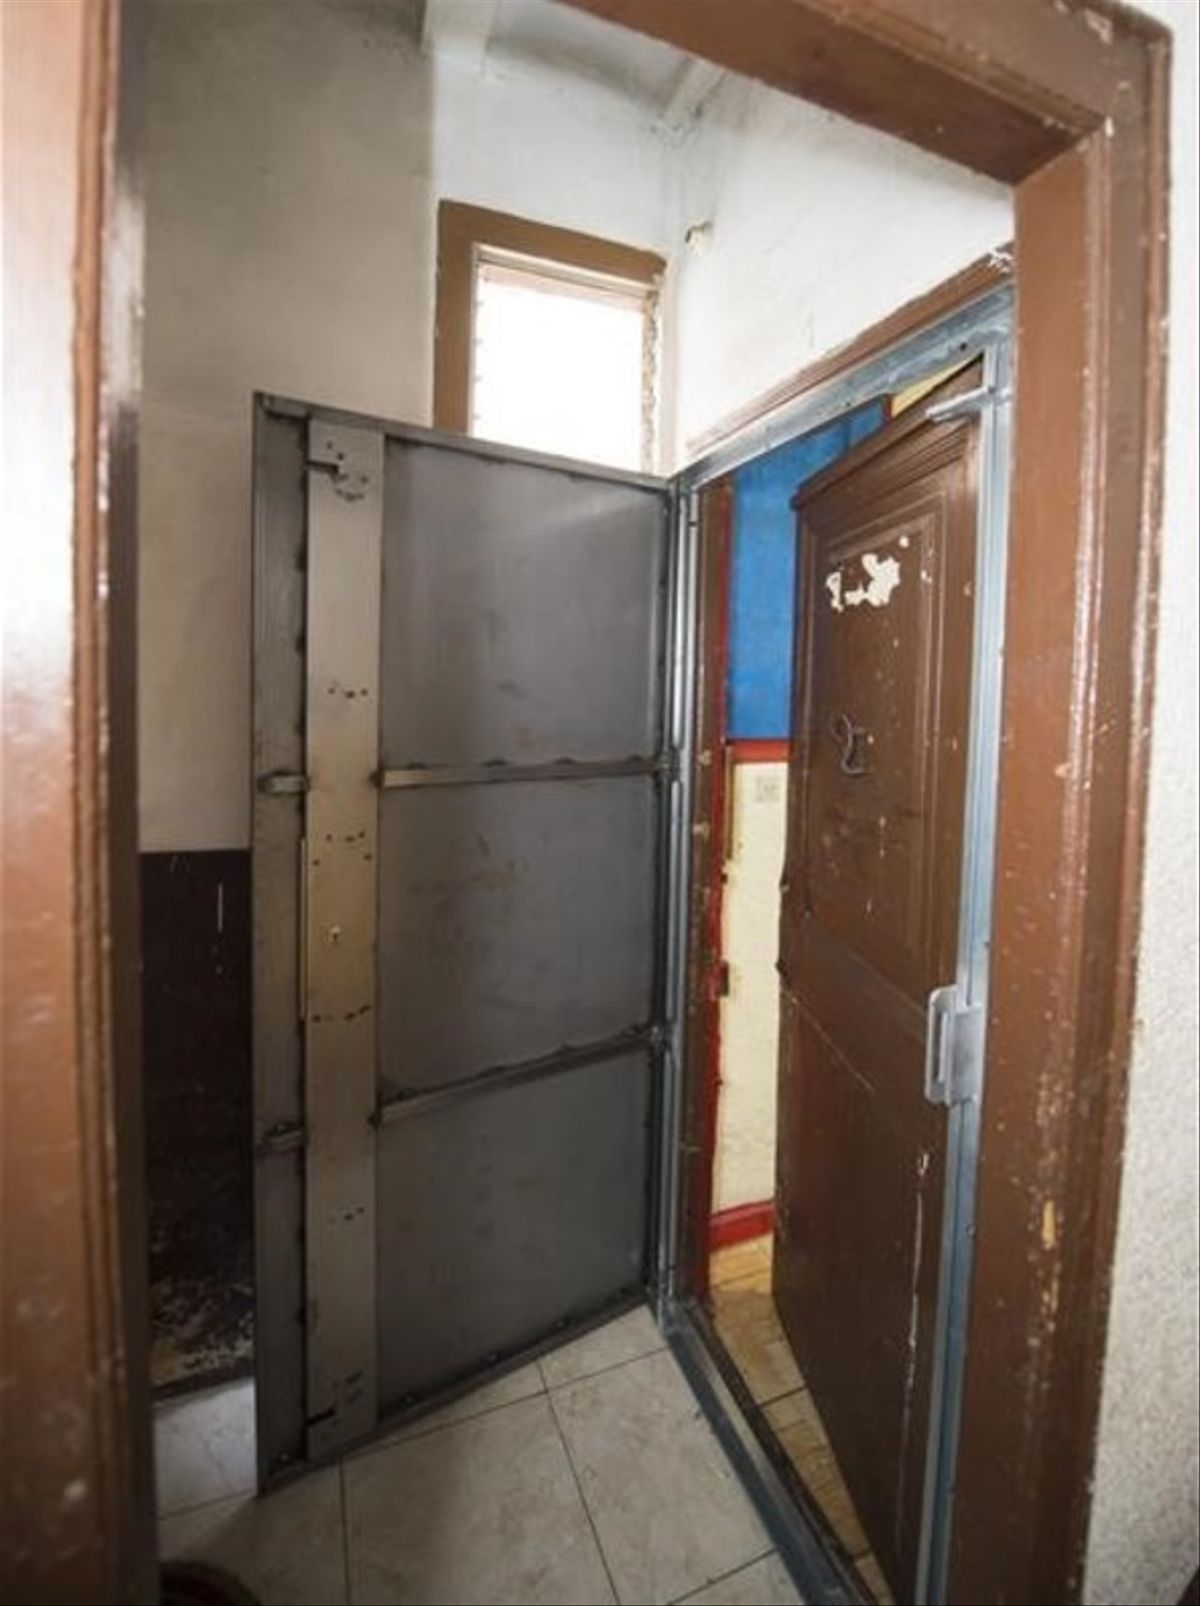 Puerta anti-okupas que la empresa instaló para blindar la vivienda una vez los inquilinos la dejen.